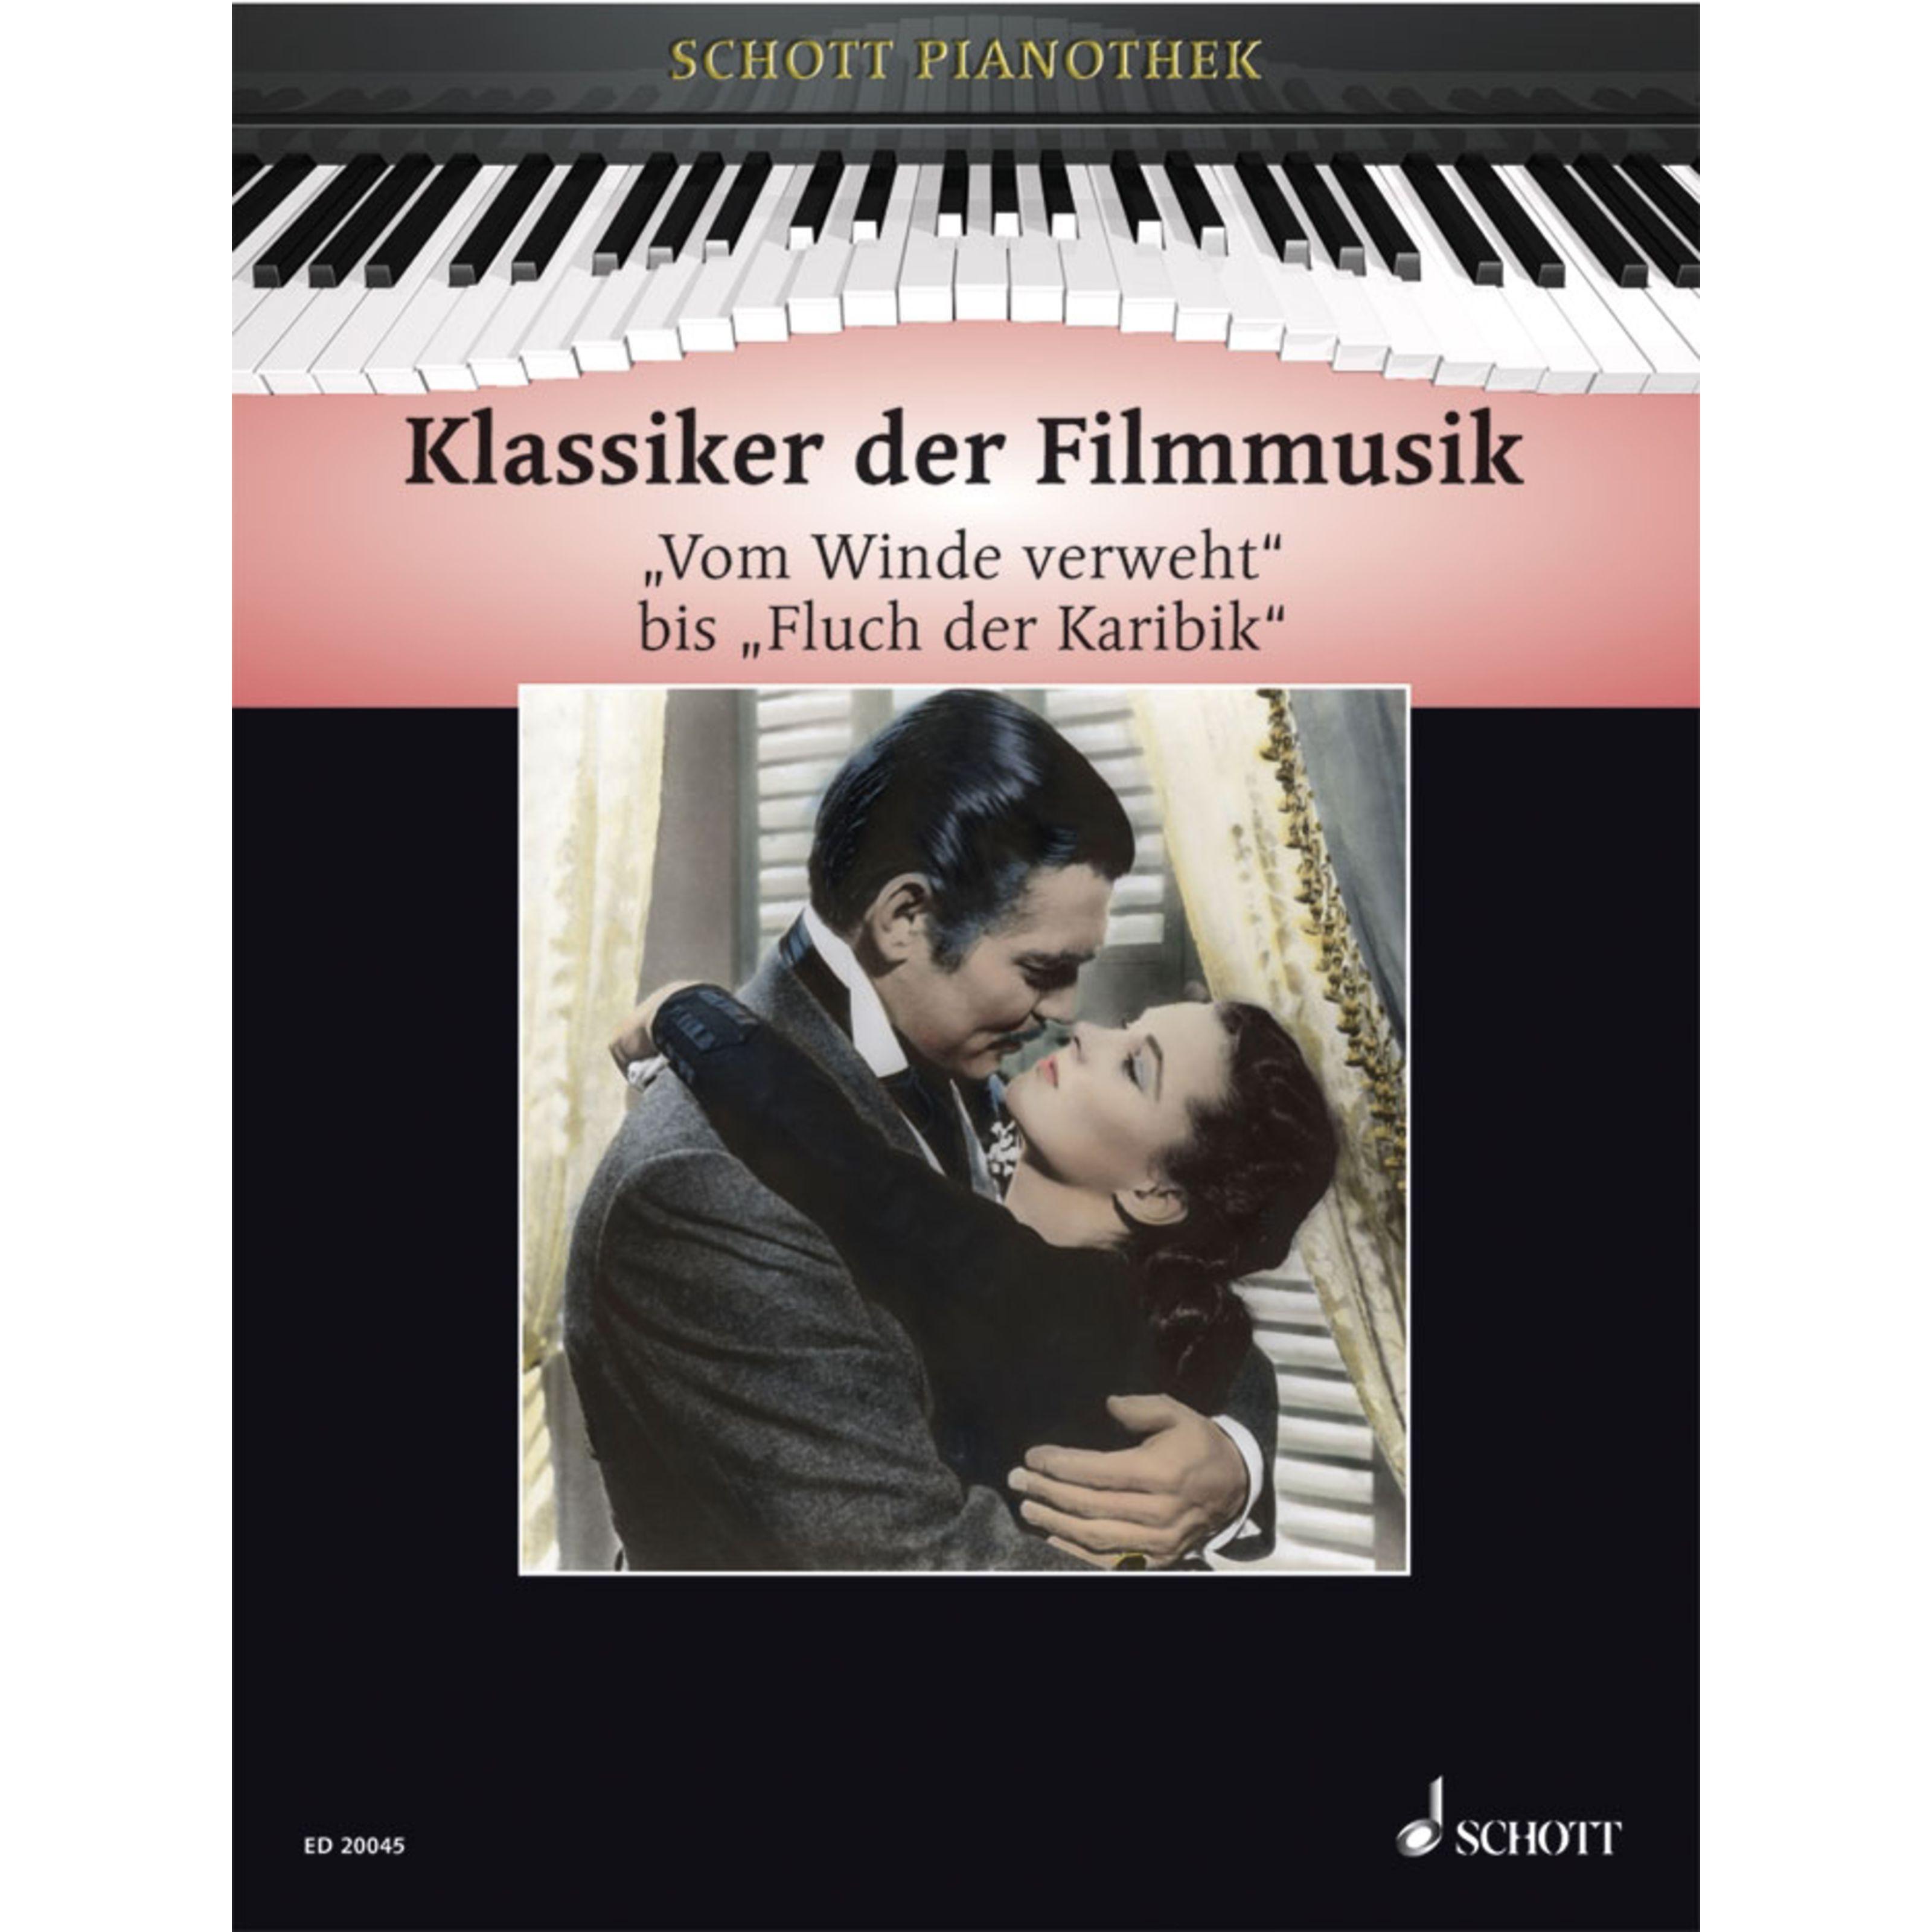 Schott Music - Klassiker der Filmmusik Heumann, Pianothek ED 20045